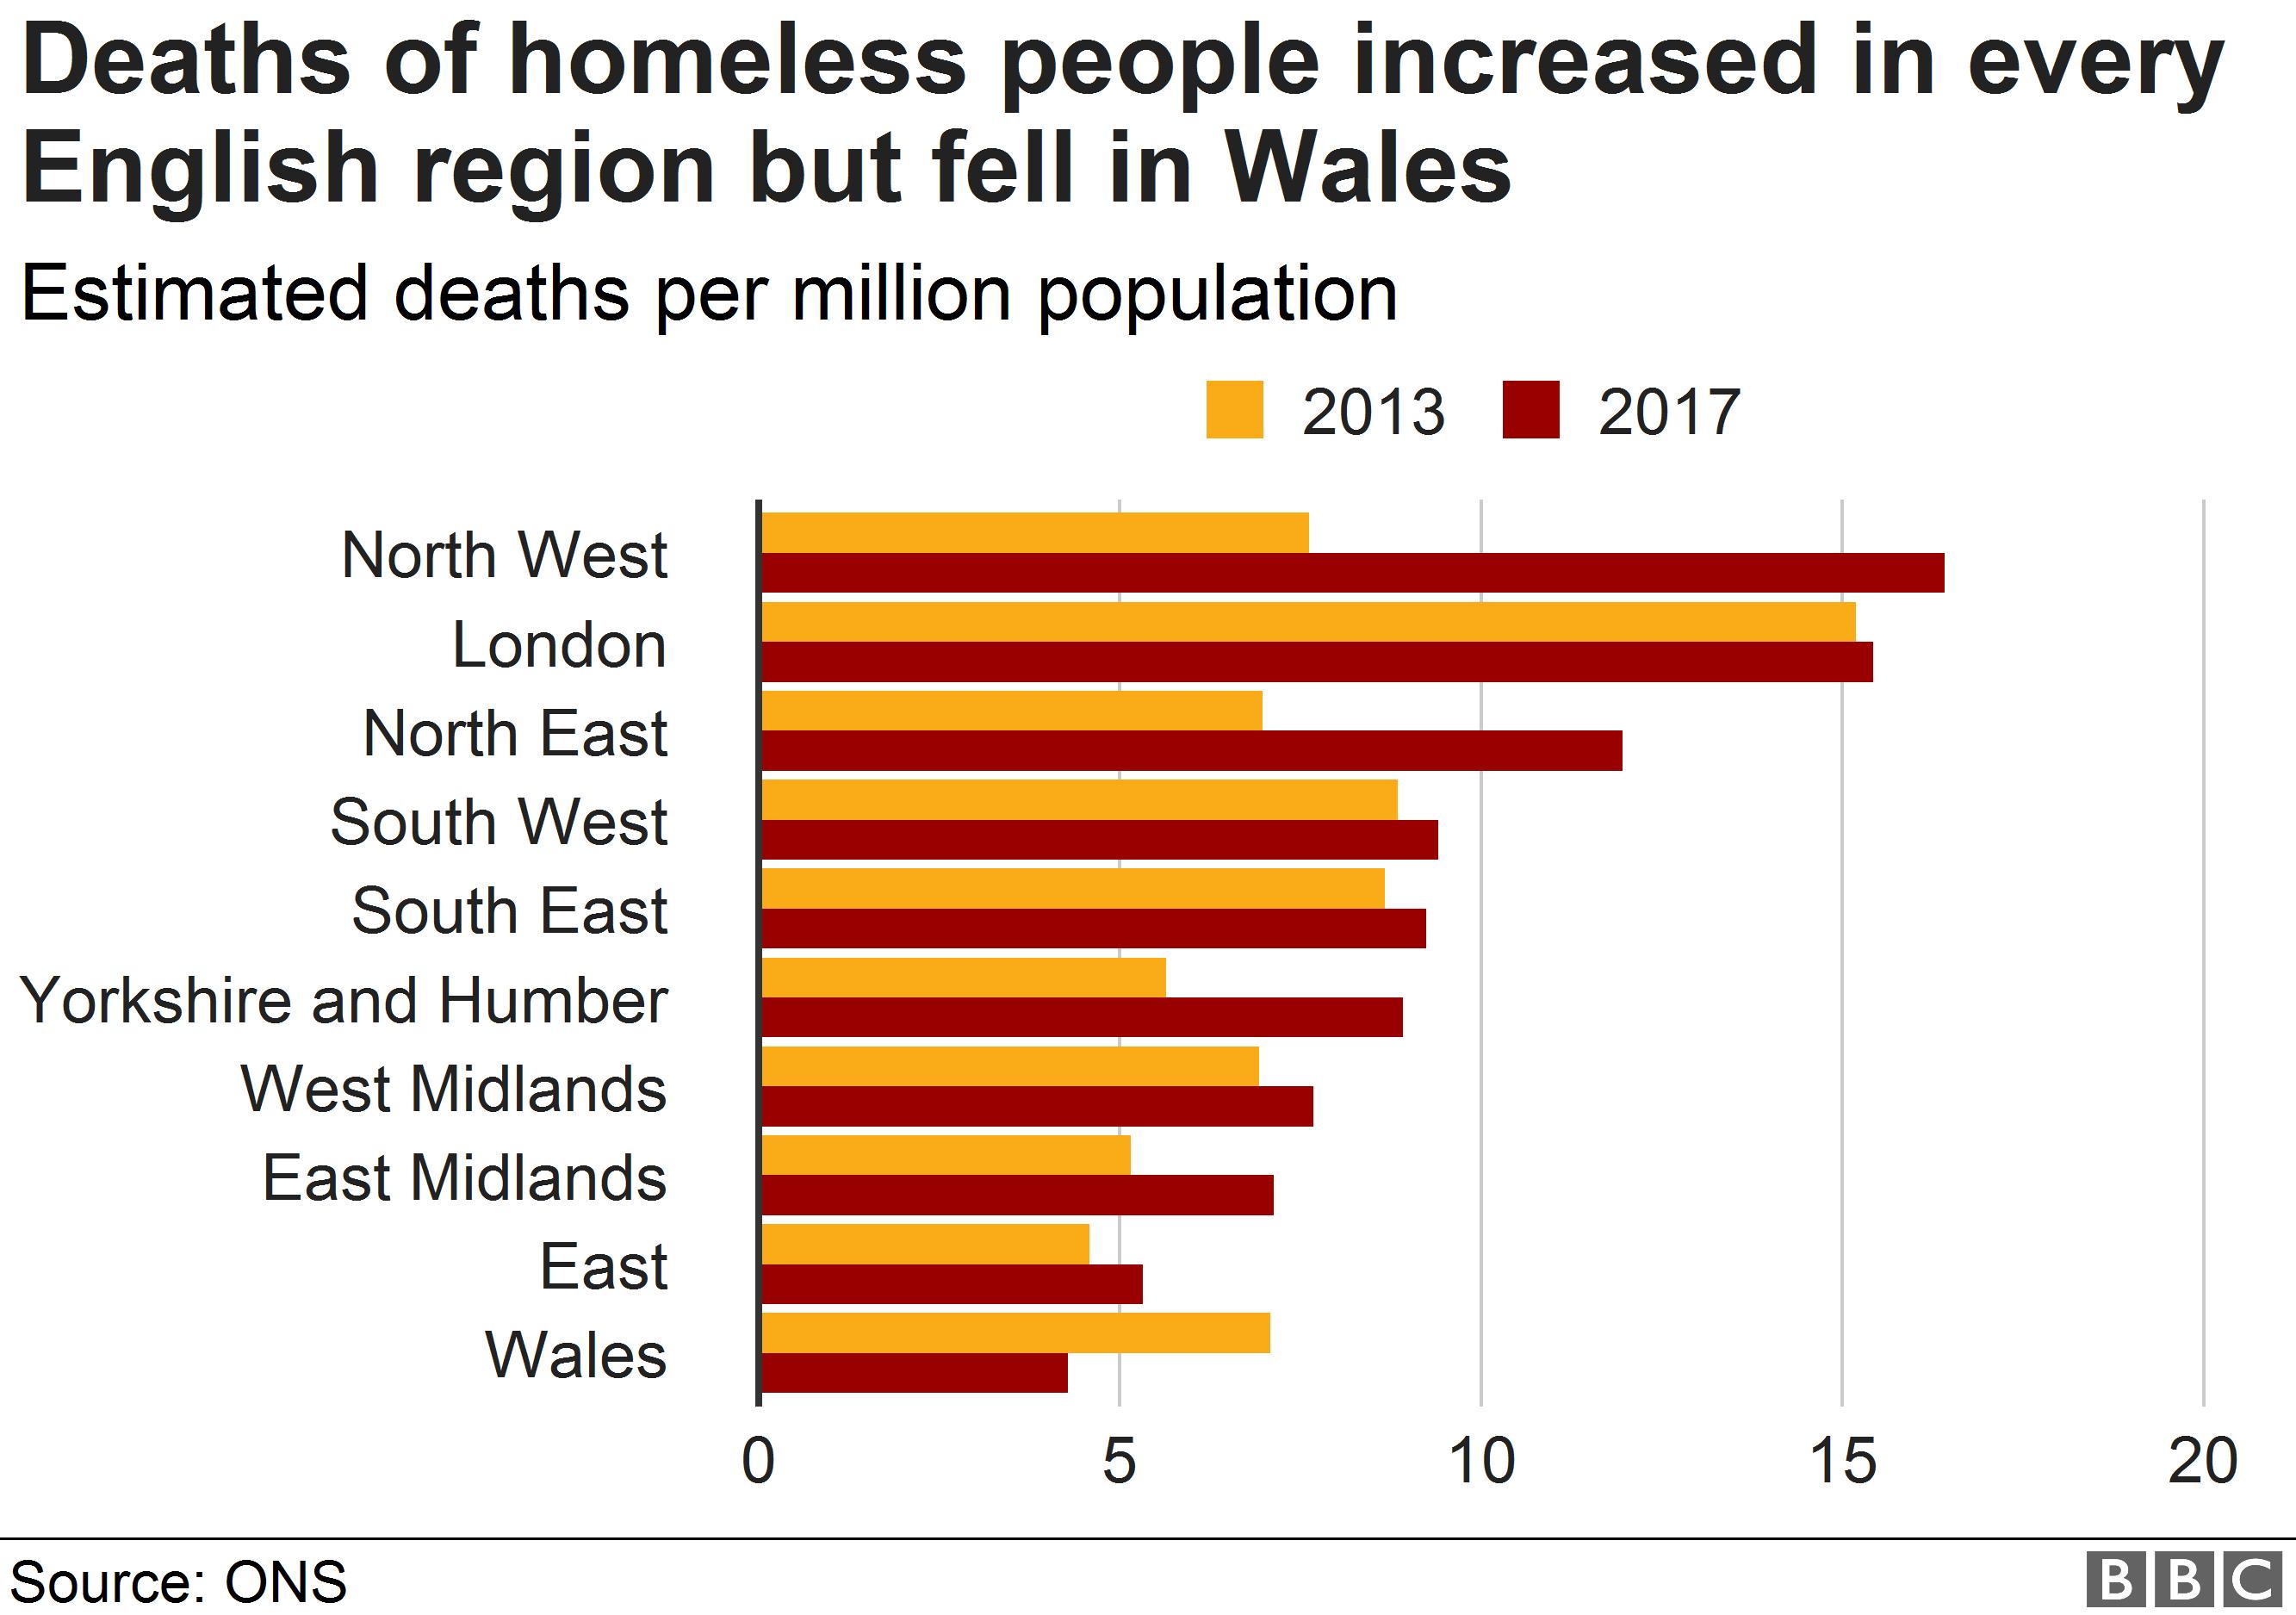 Chart showing regional breakdown of homeless deaths